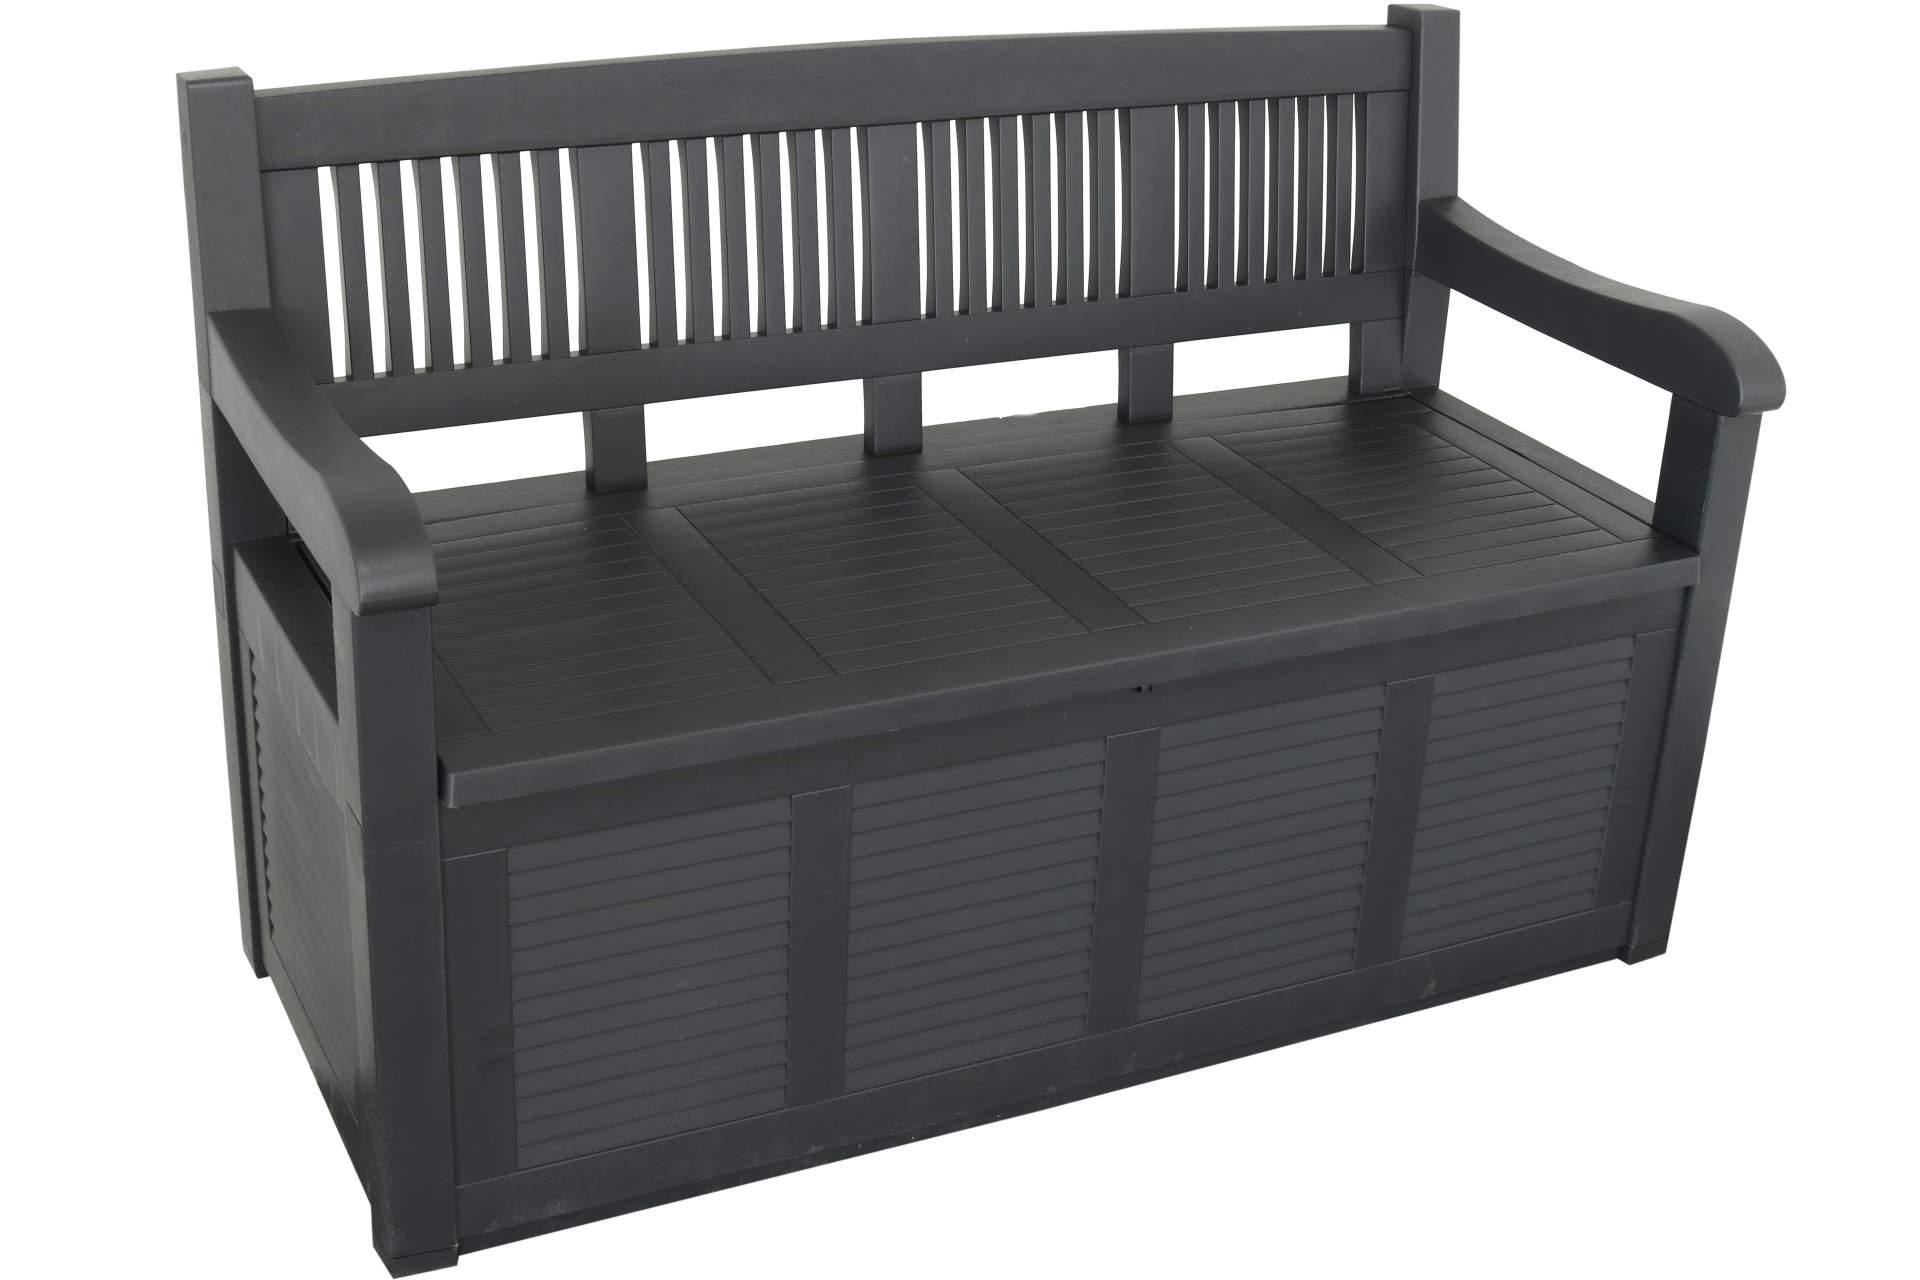 truhenbank salzburg 280l 130 x 60 x 85 cm garten auflagenbox gartenm bel haus und garten. Black Bedroom Furniture Sets. Home Design Ideas